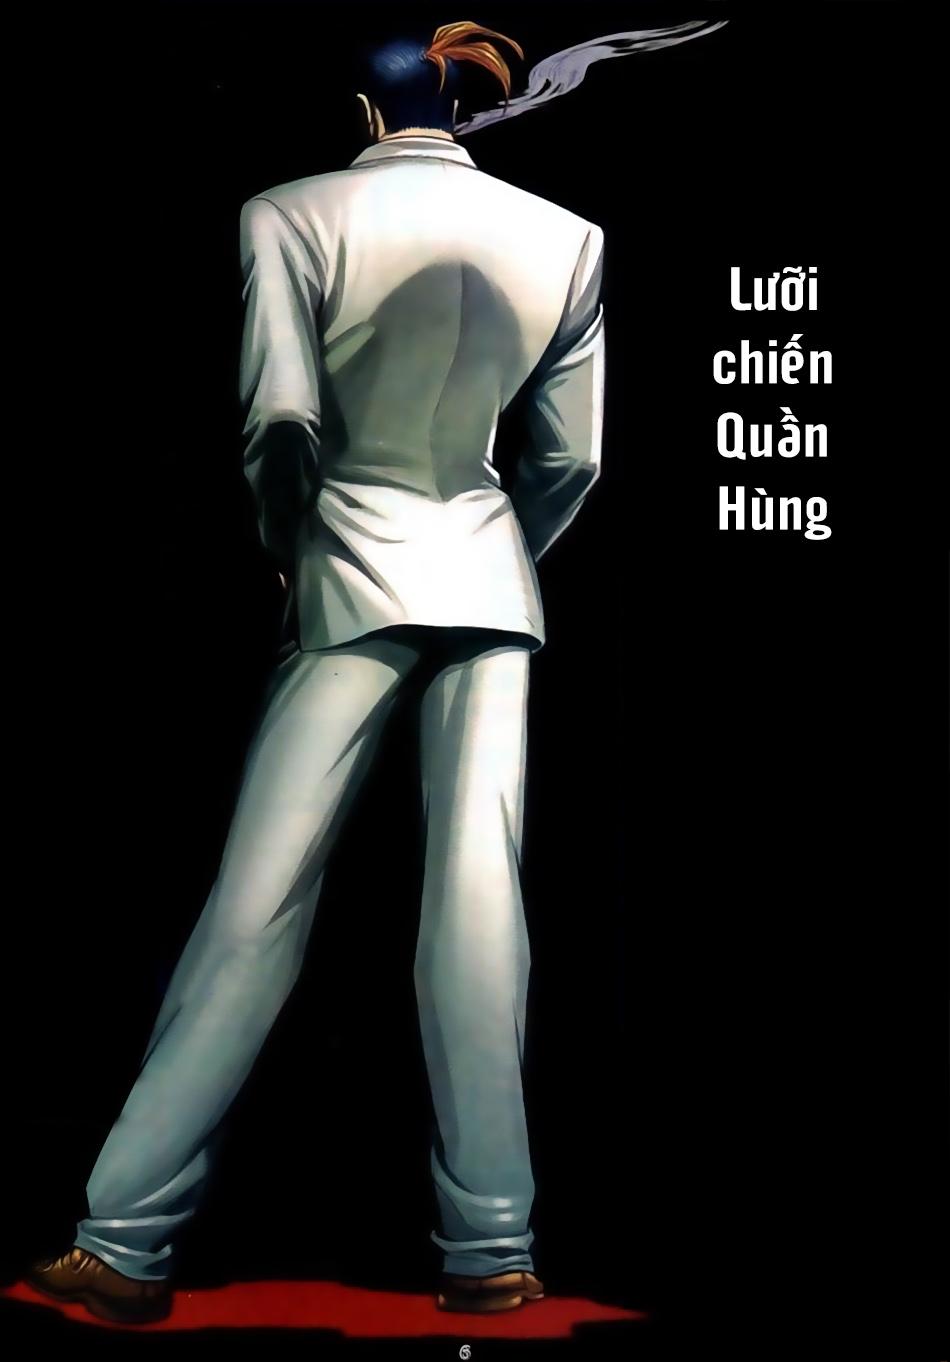 Người Trong Giang Hồ chapter 586: lưỡi chiến quần hùng trang 2